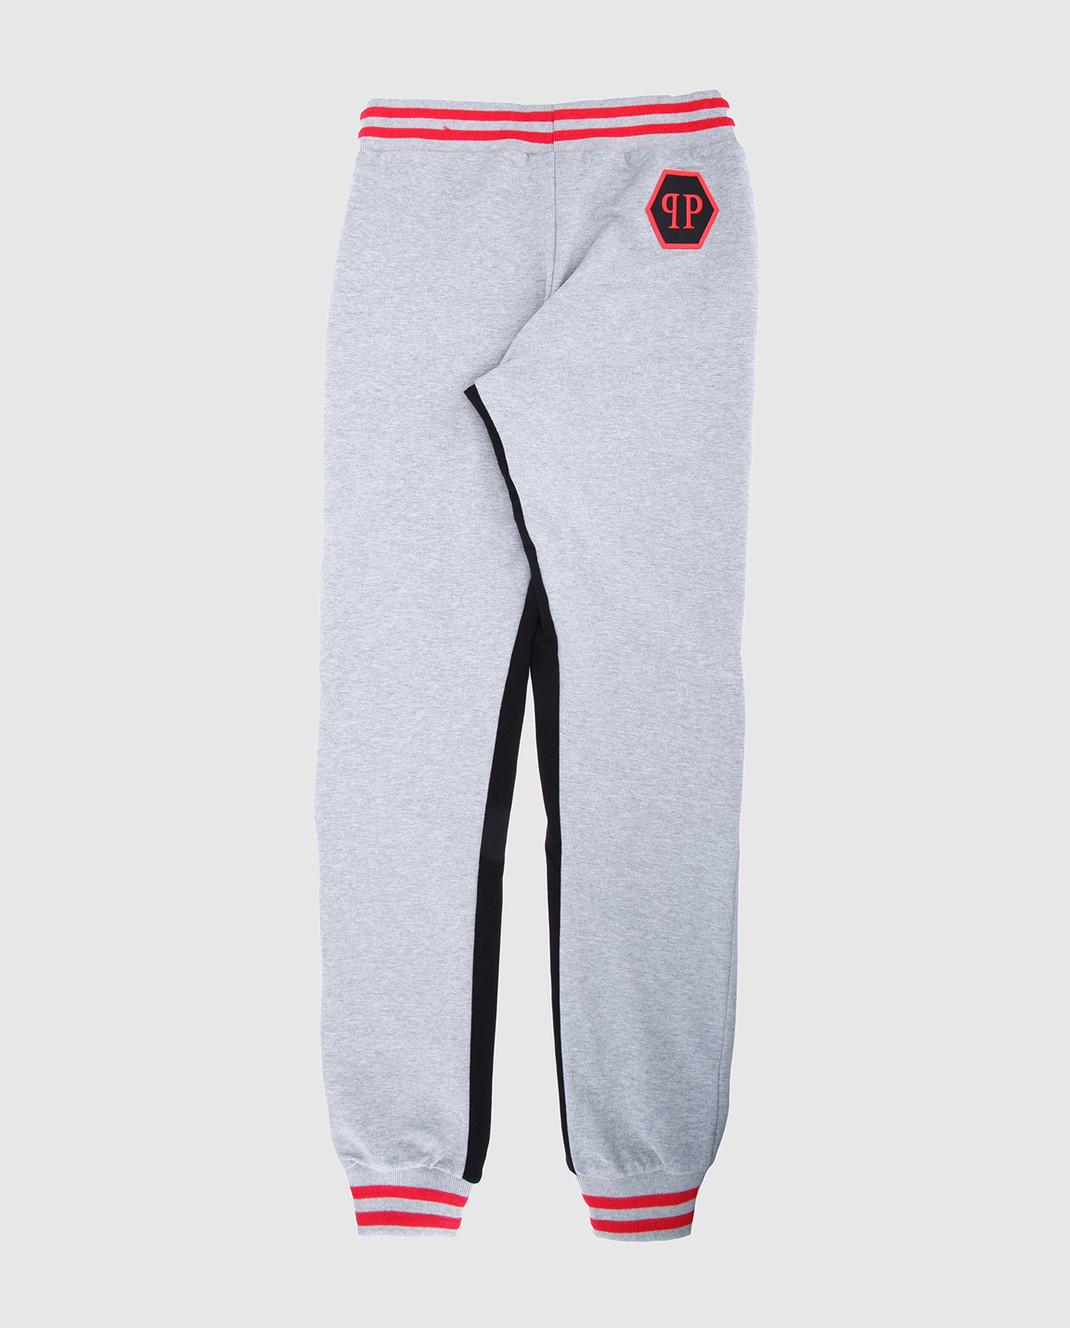 Philipp Plein Детские серые спортивные брюки BJT00591416 изображение 2